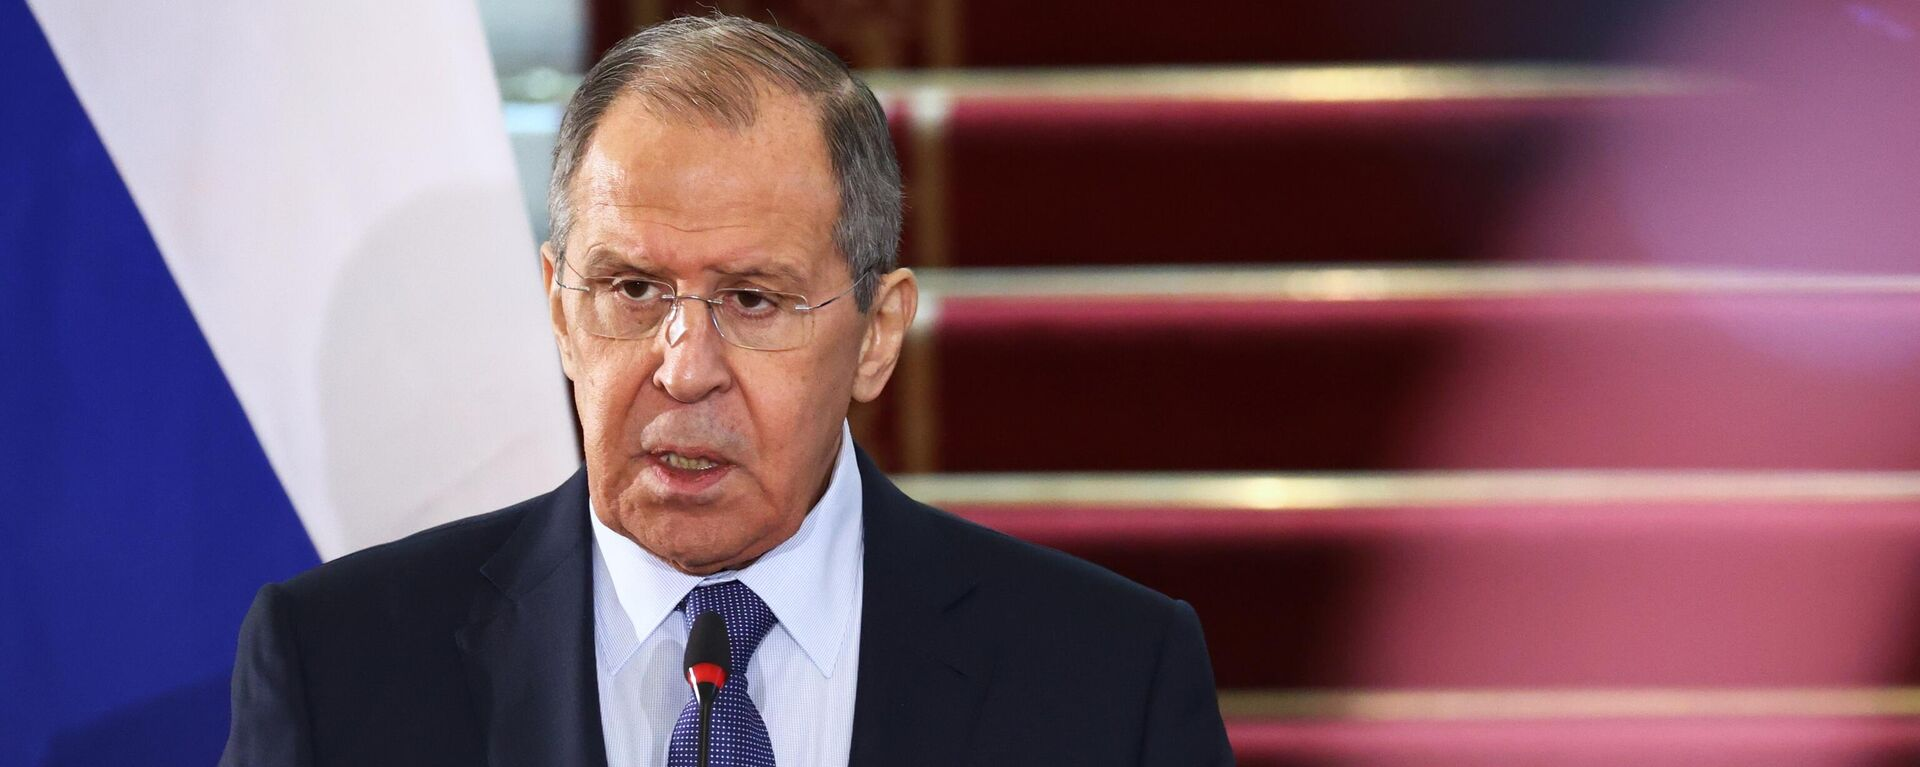 Serguéi Lavrov, ministro de Exteriores de Rusia - Sputnik Mundo, 1920, 15.09.2021